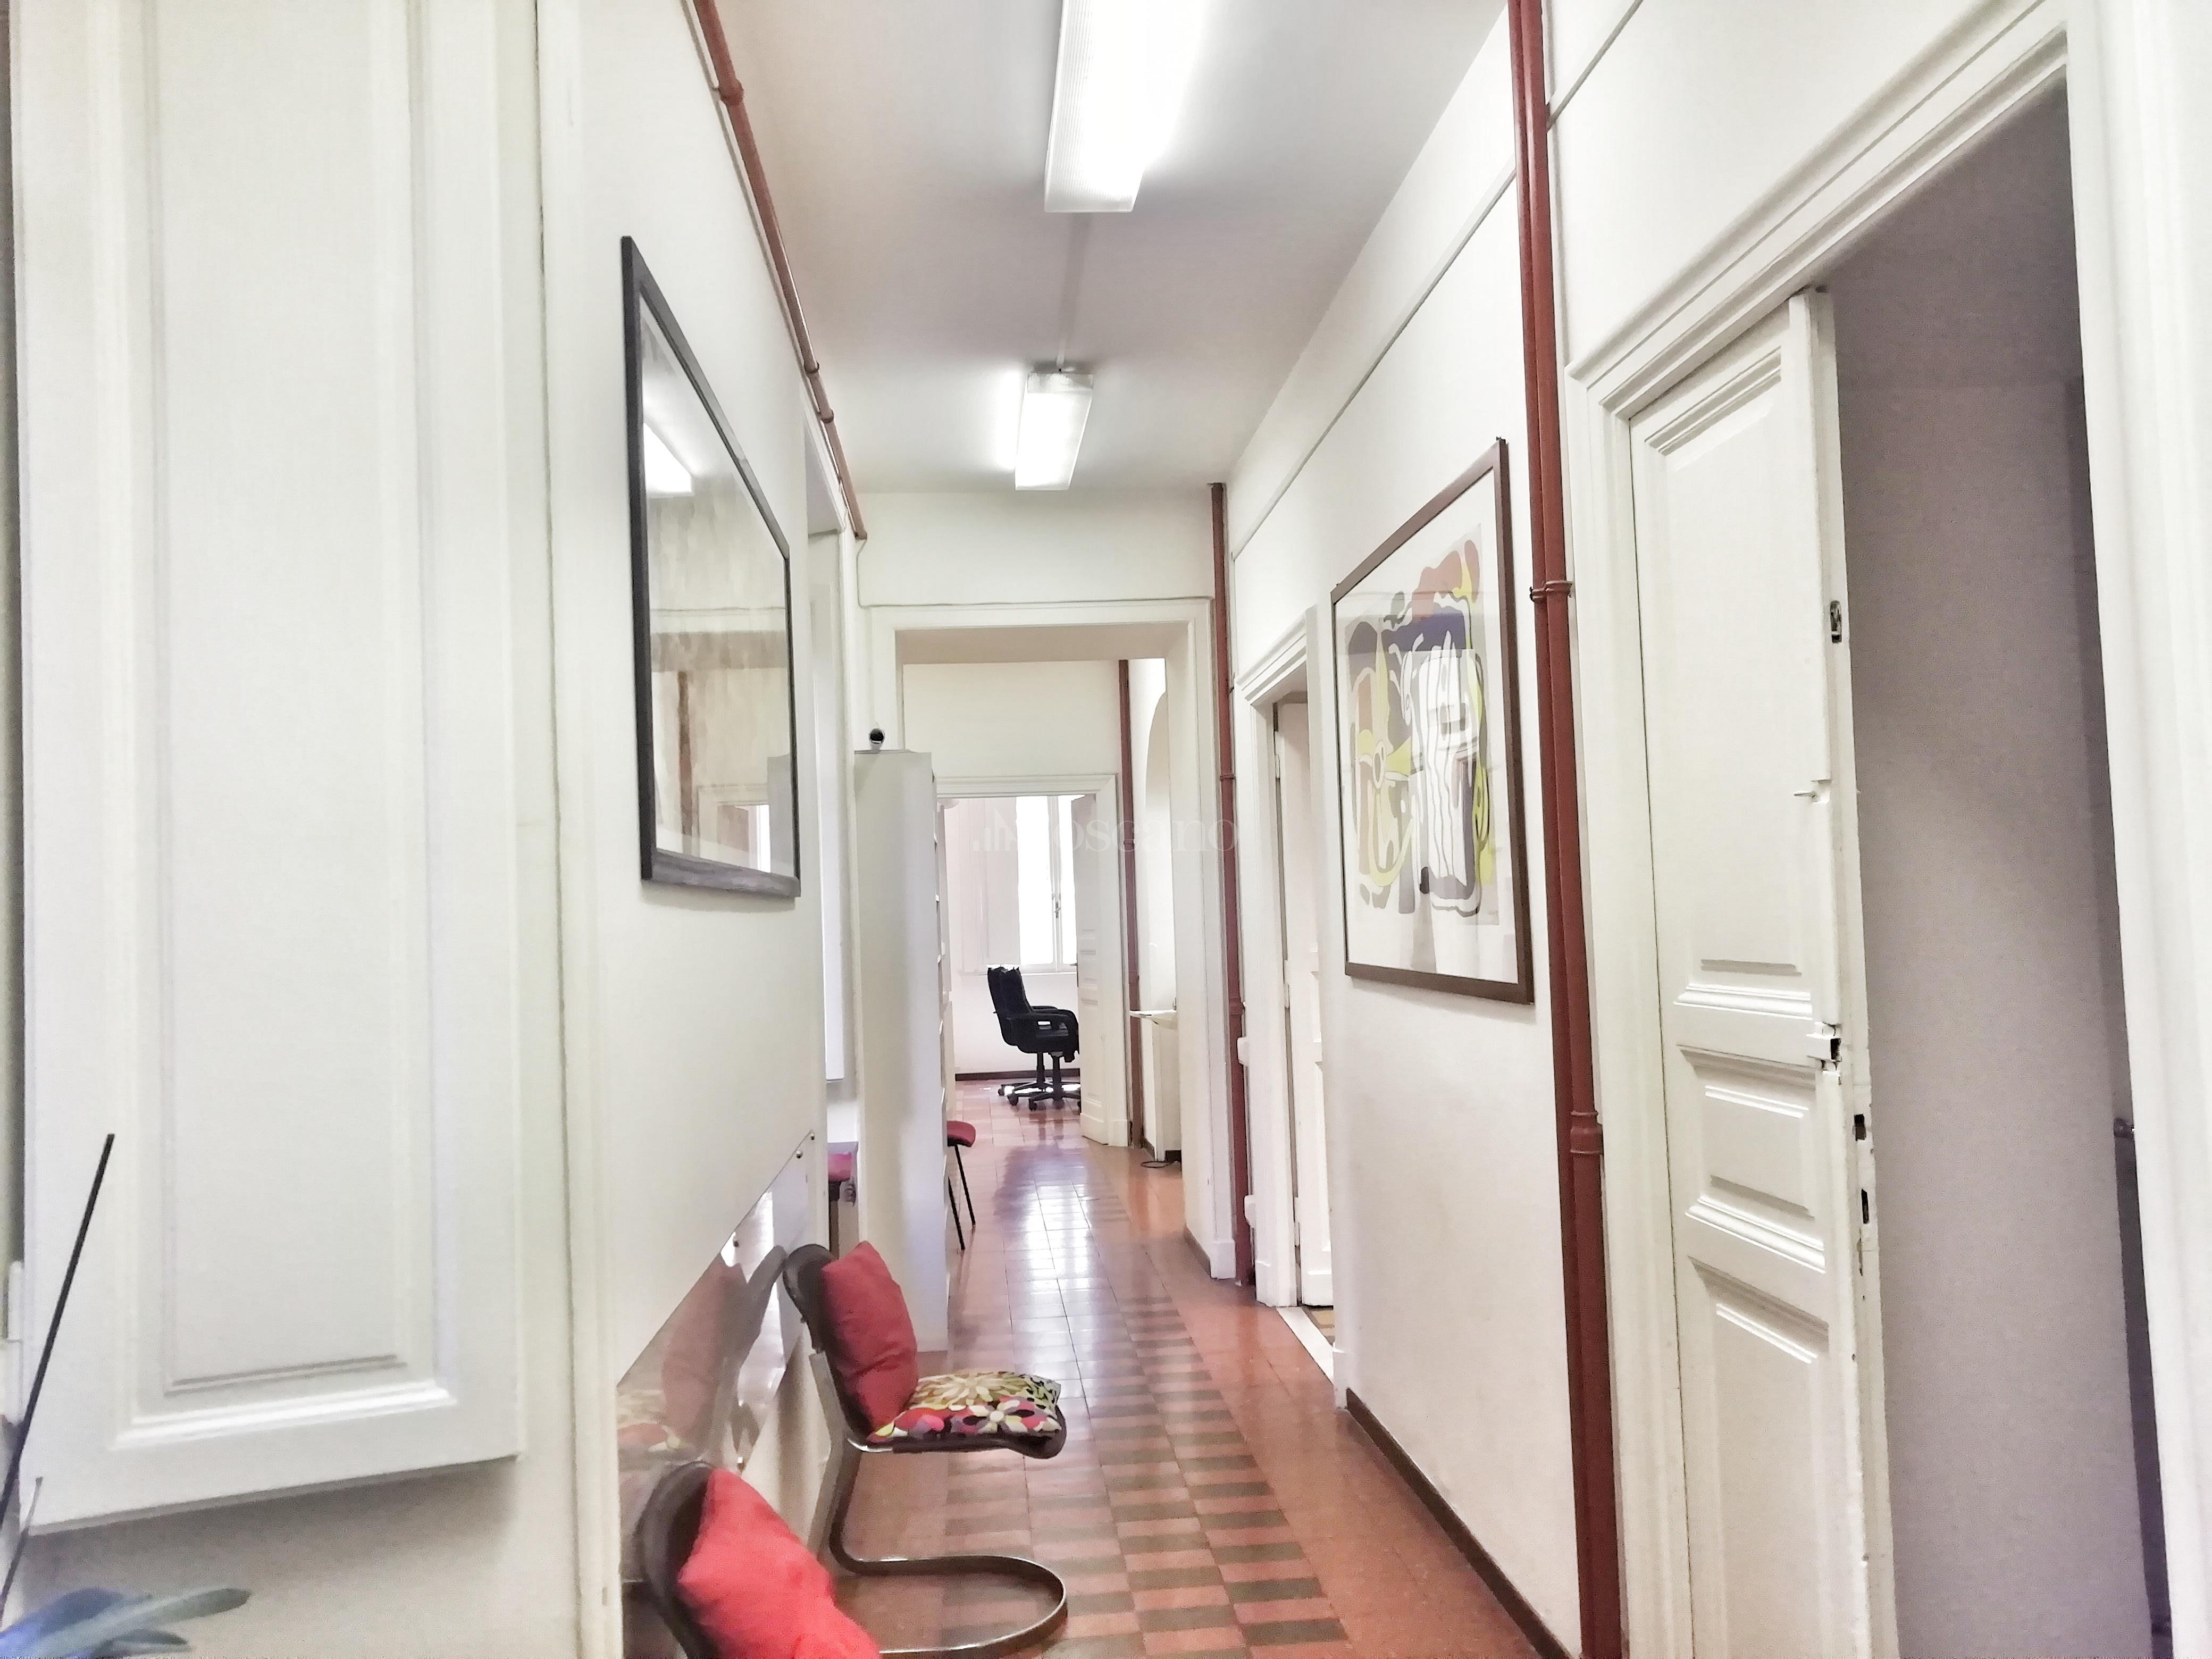 affitto Ufficio a Roma in Via Sannio, San Giovanni 31/2020 ...